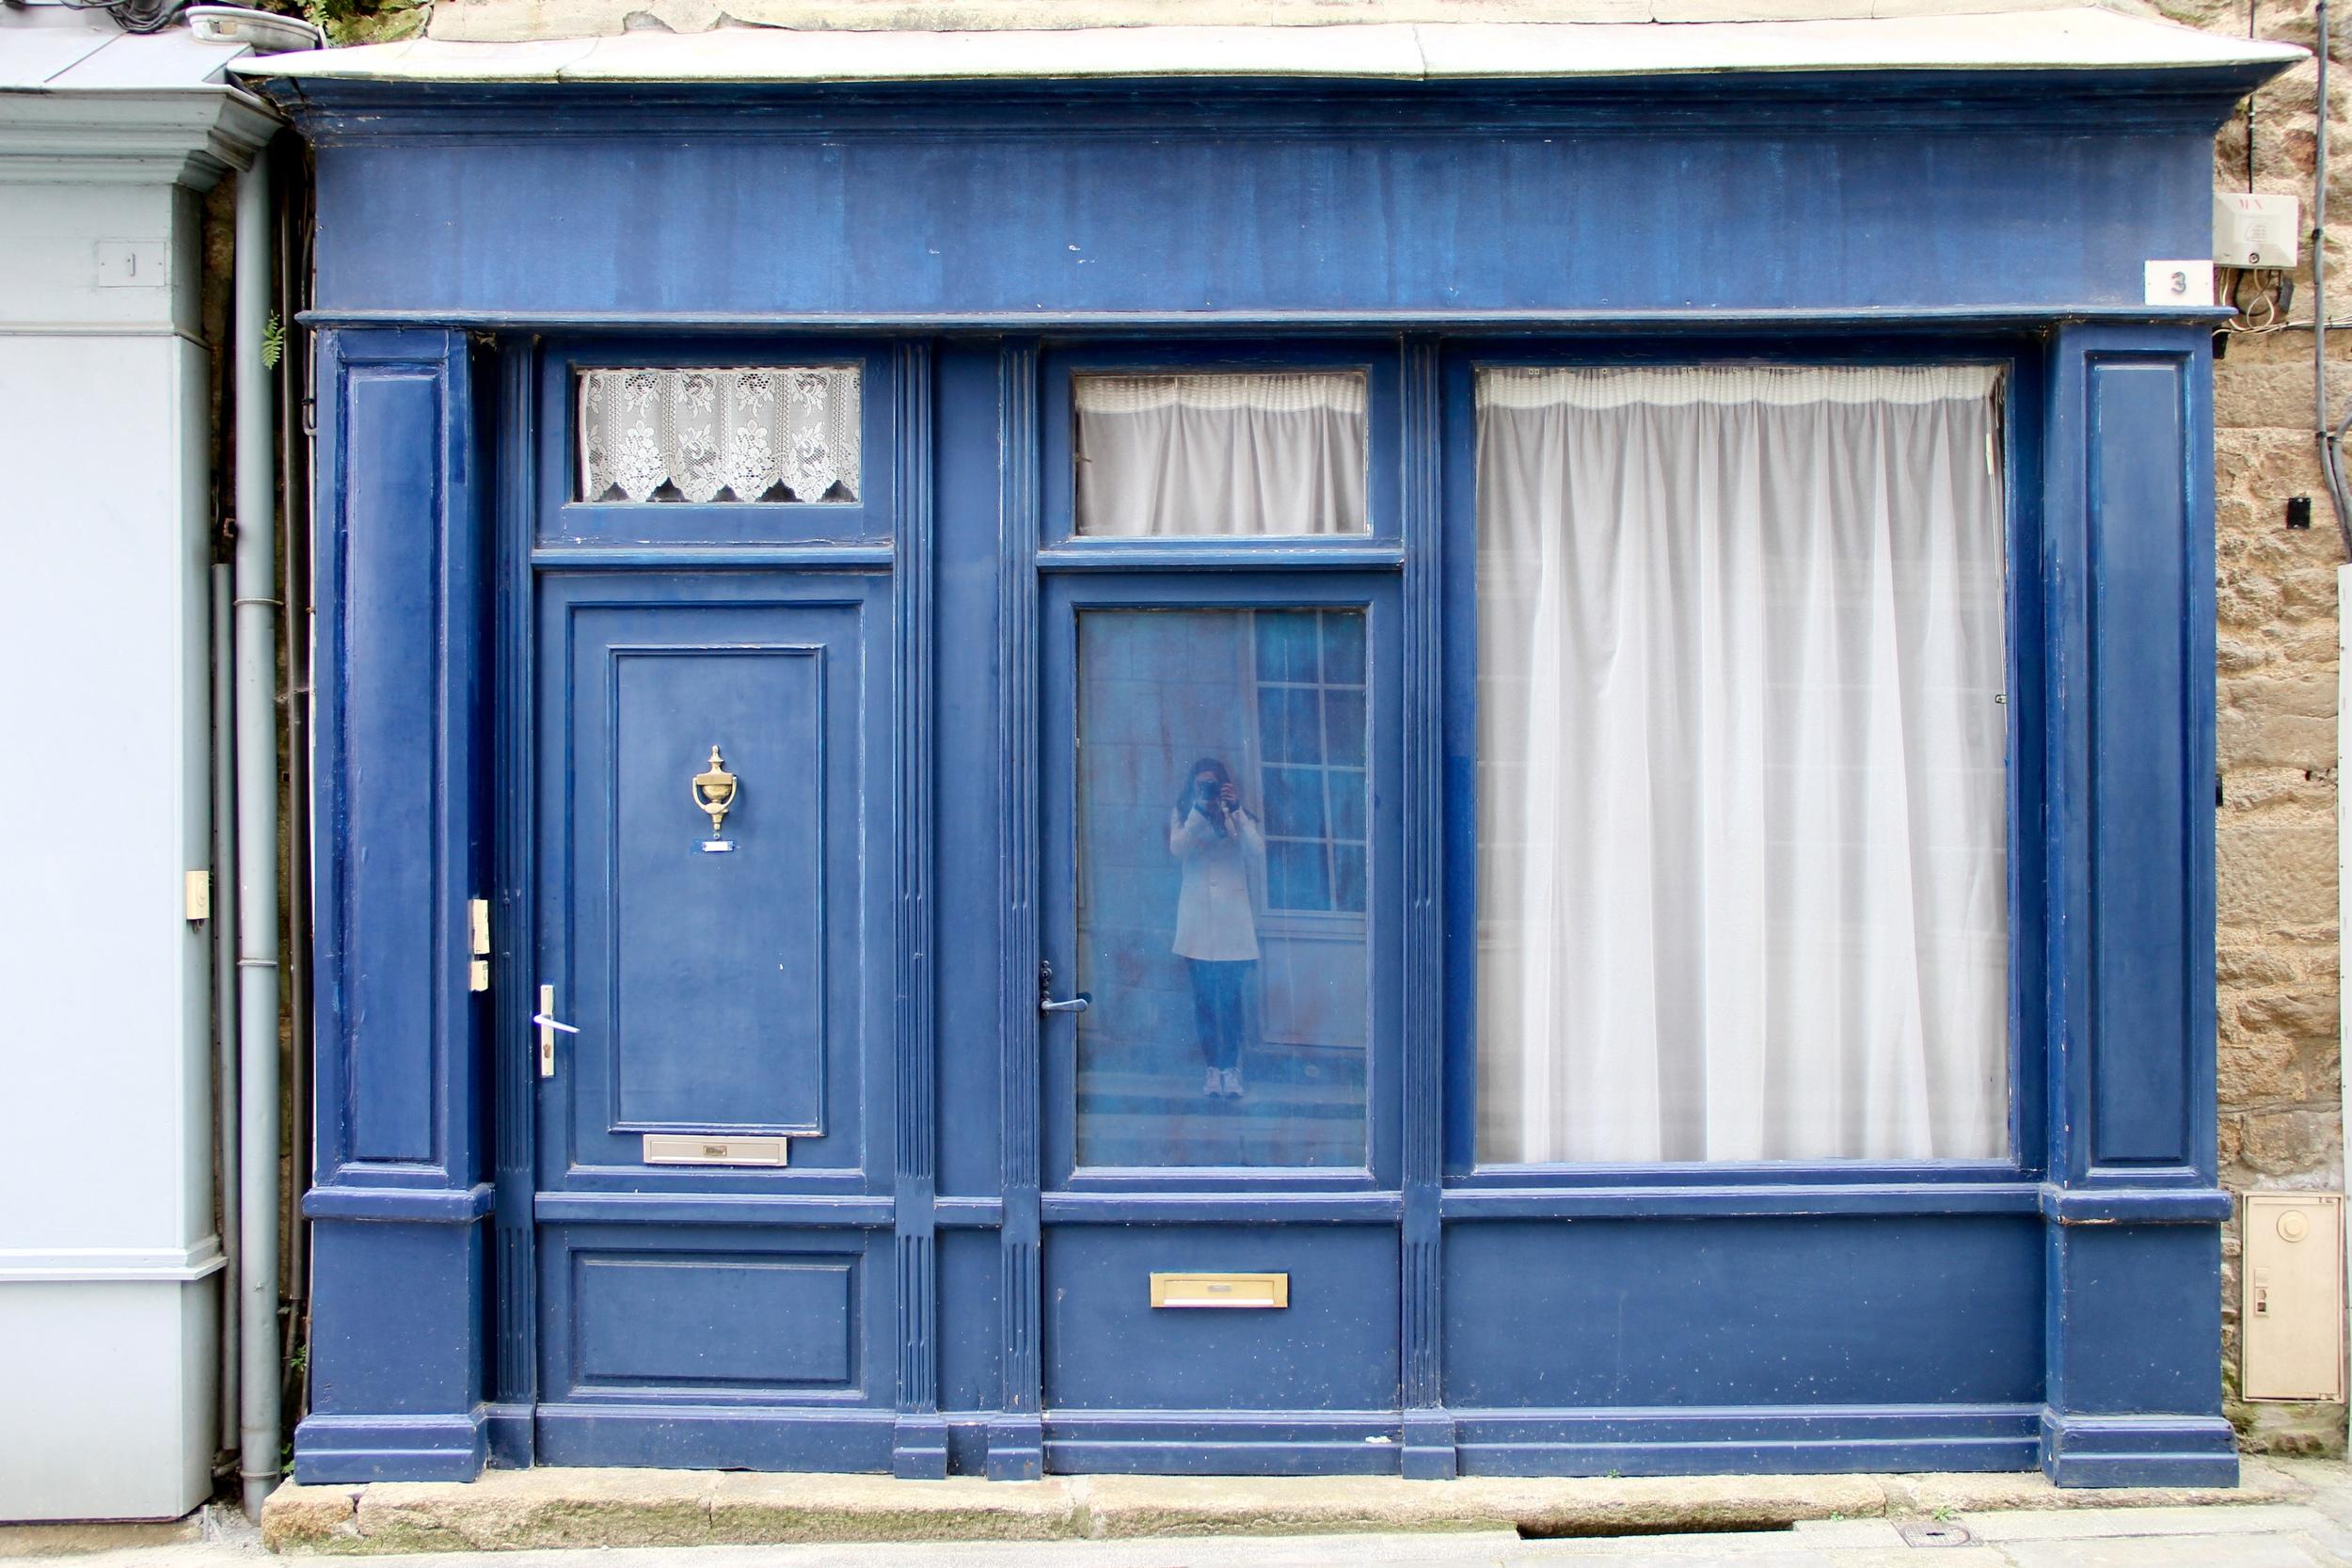 Blue facade in Dinan, France